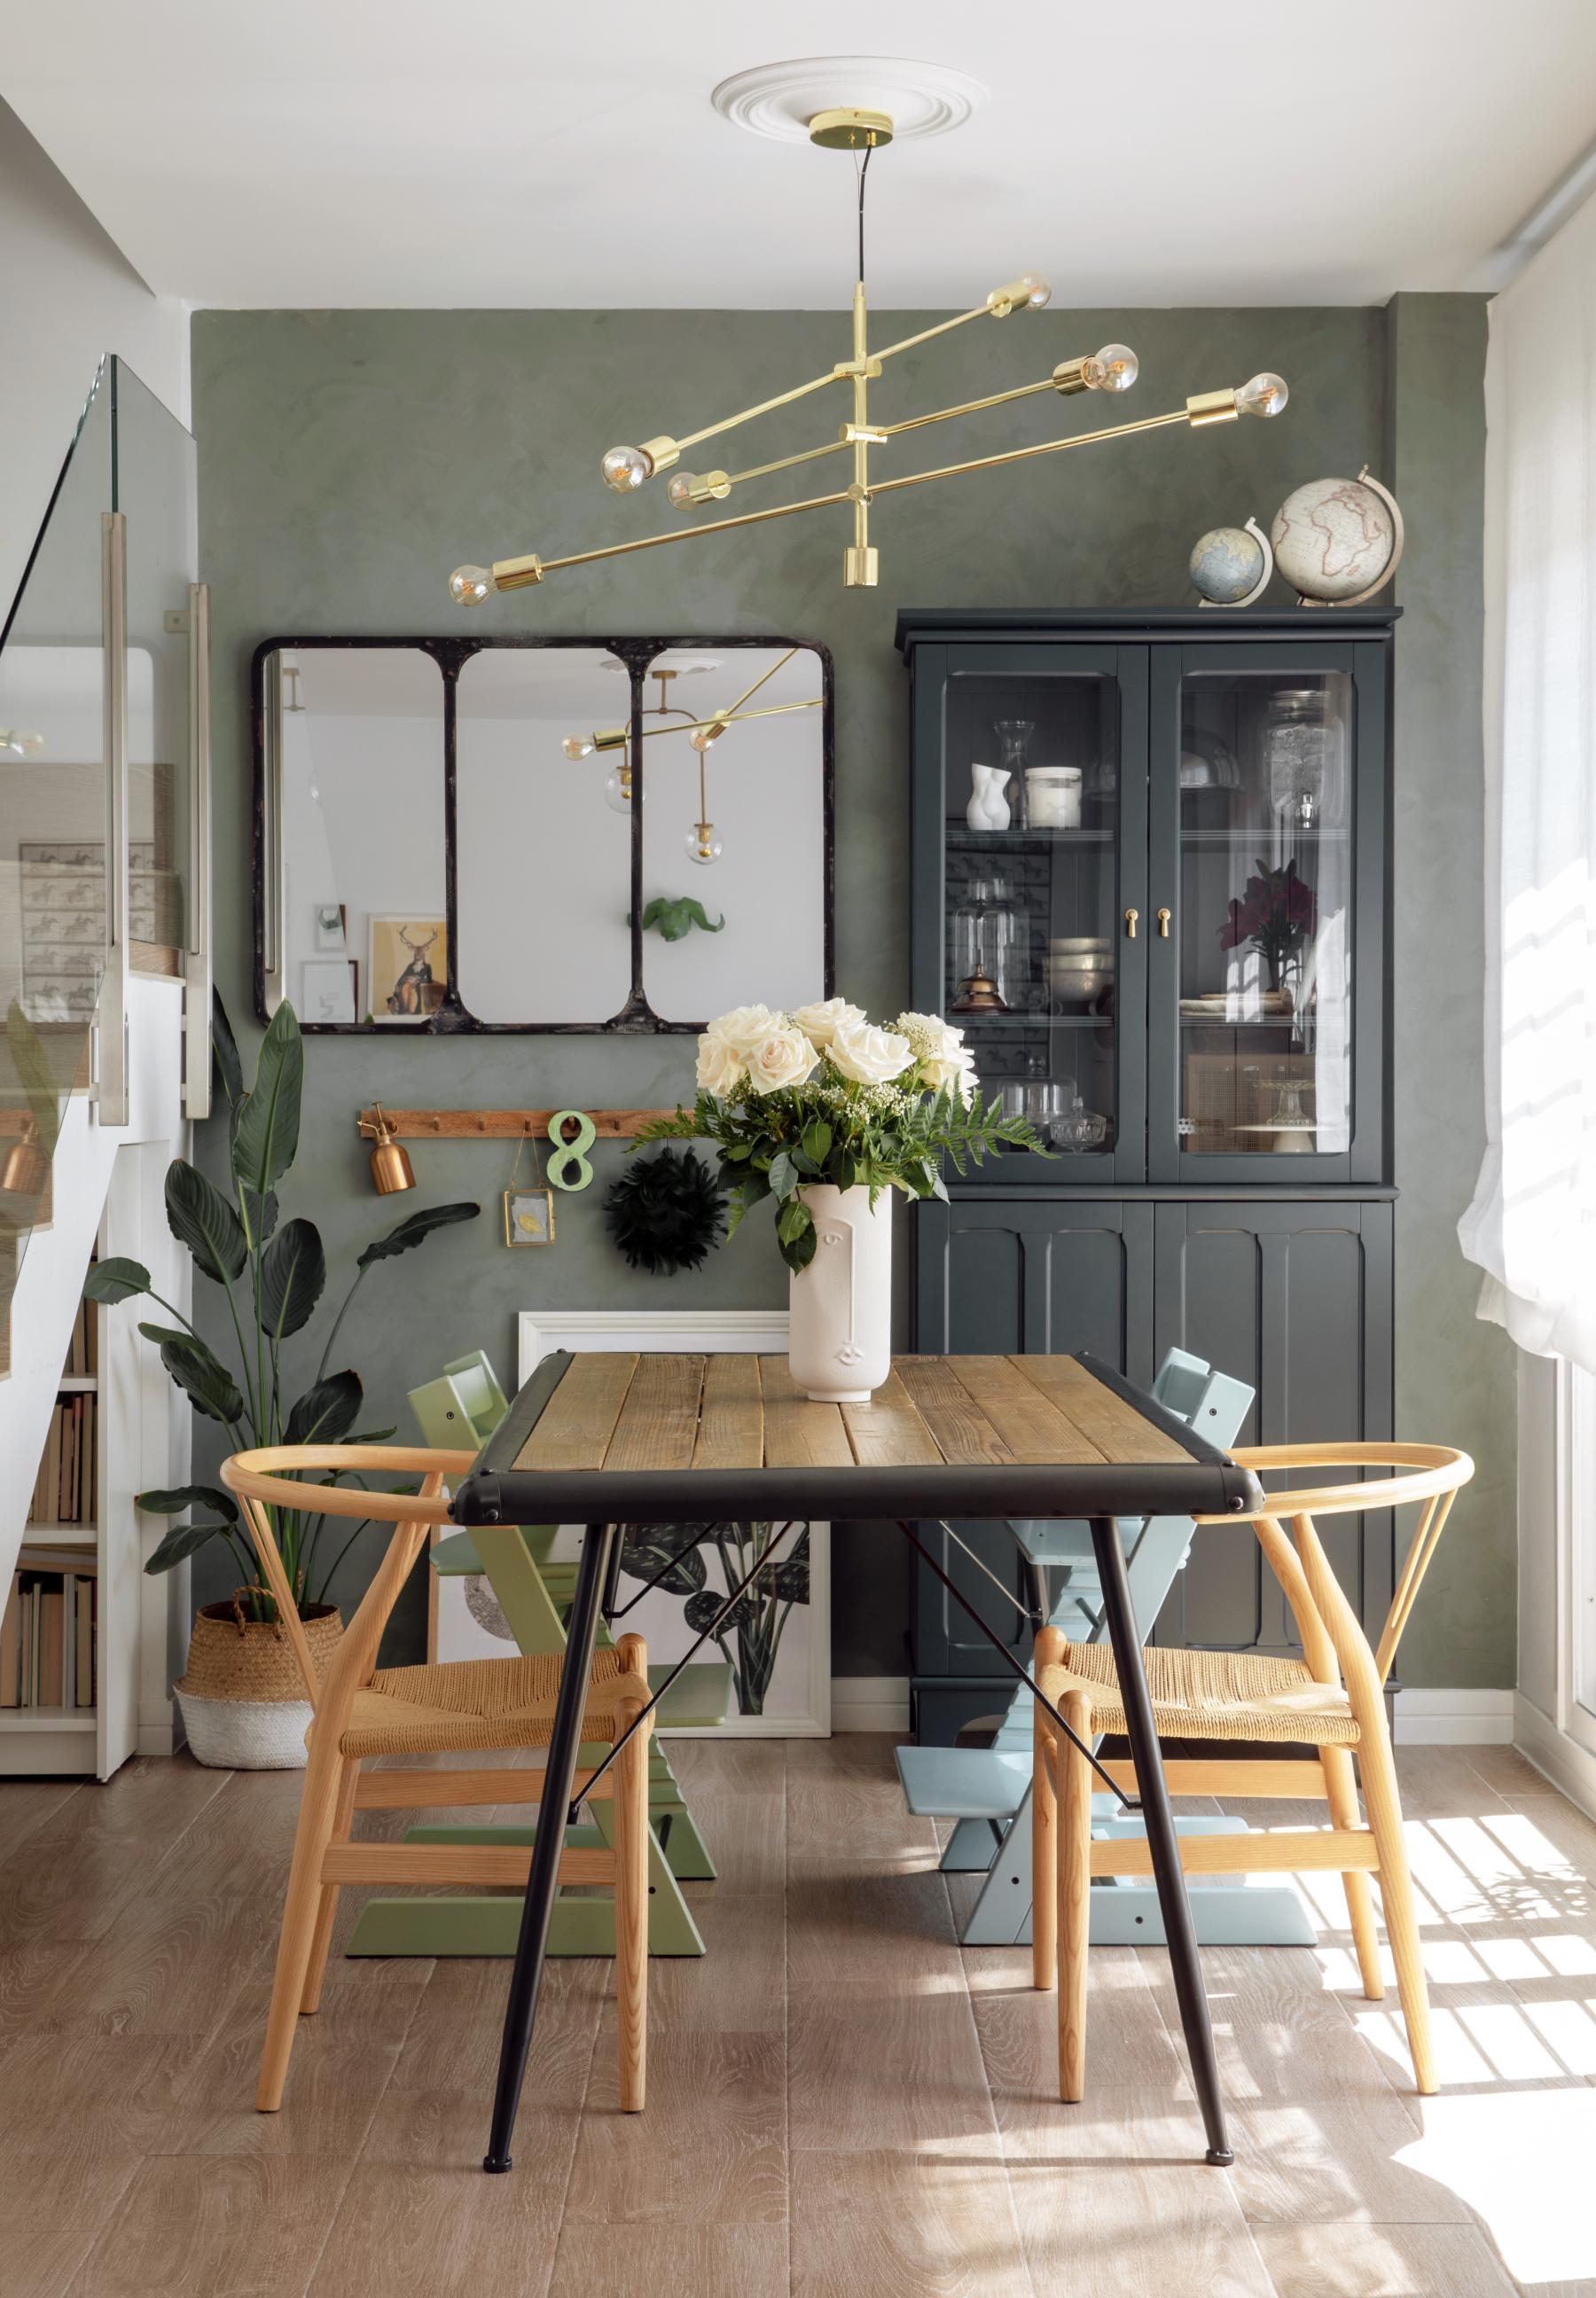 Una mesa de tablas, flores naturales, un espejo pintado en tono óxido... Nuria sabe mezclar sus hallazgos para dar coherencia cromática y estética a su salón